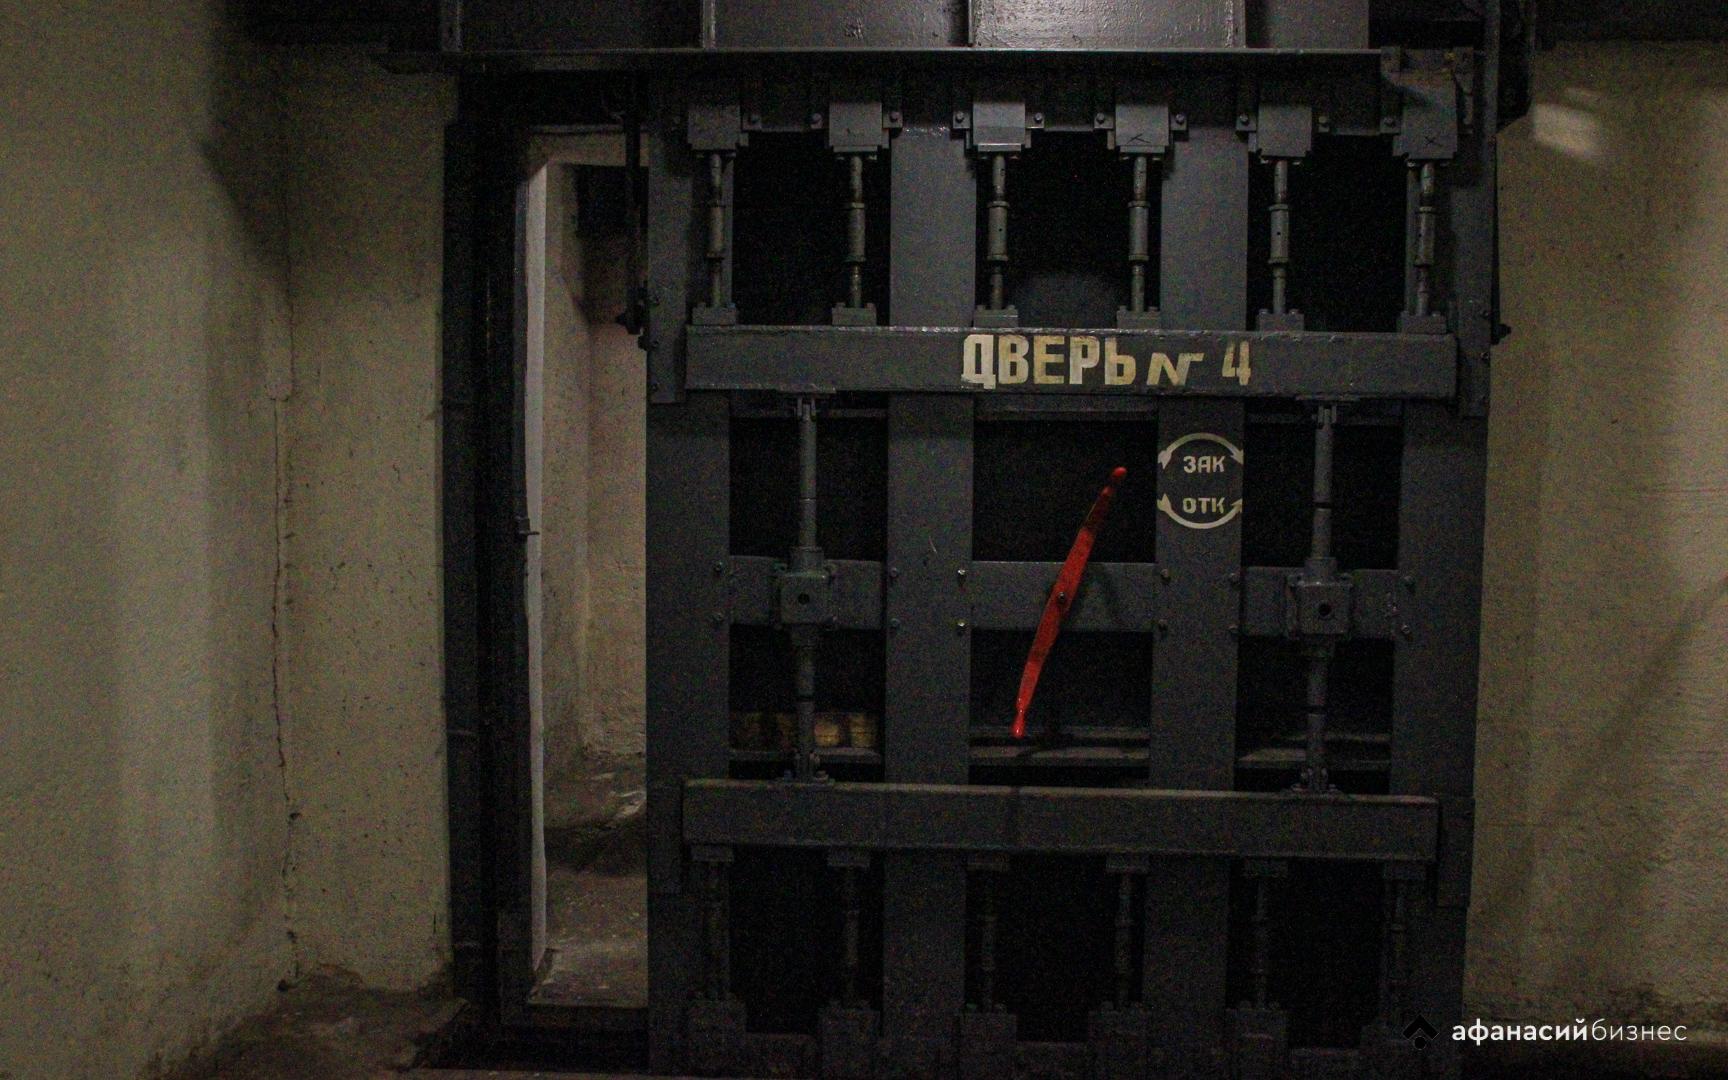 Под слоем стали и бетона: как работают тверские подземные убежища - новости Афанасий